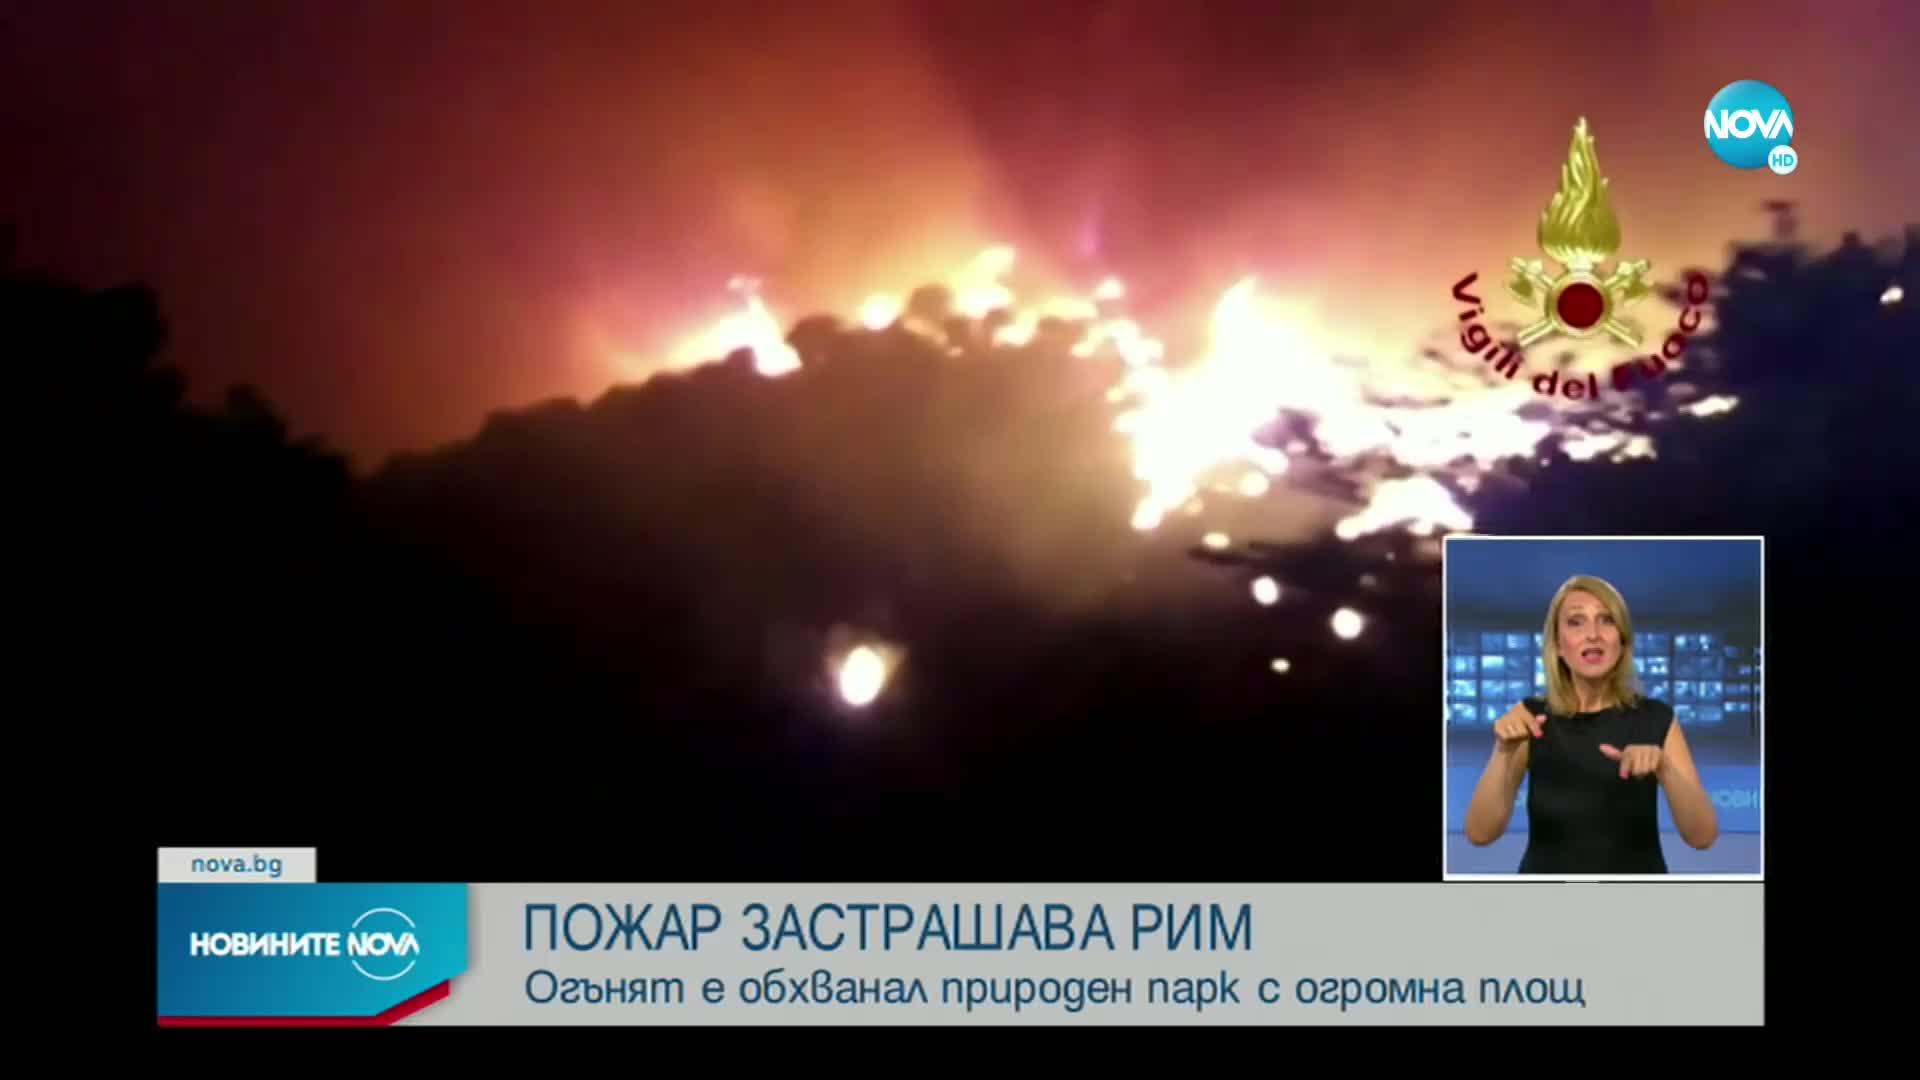 Мощен пожар застрашава Рим